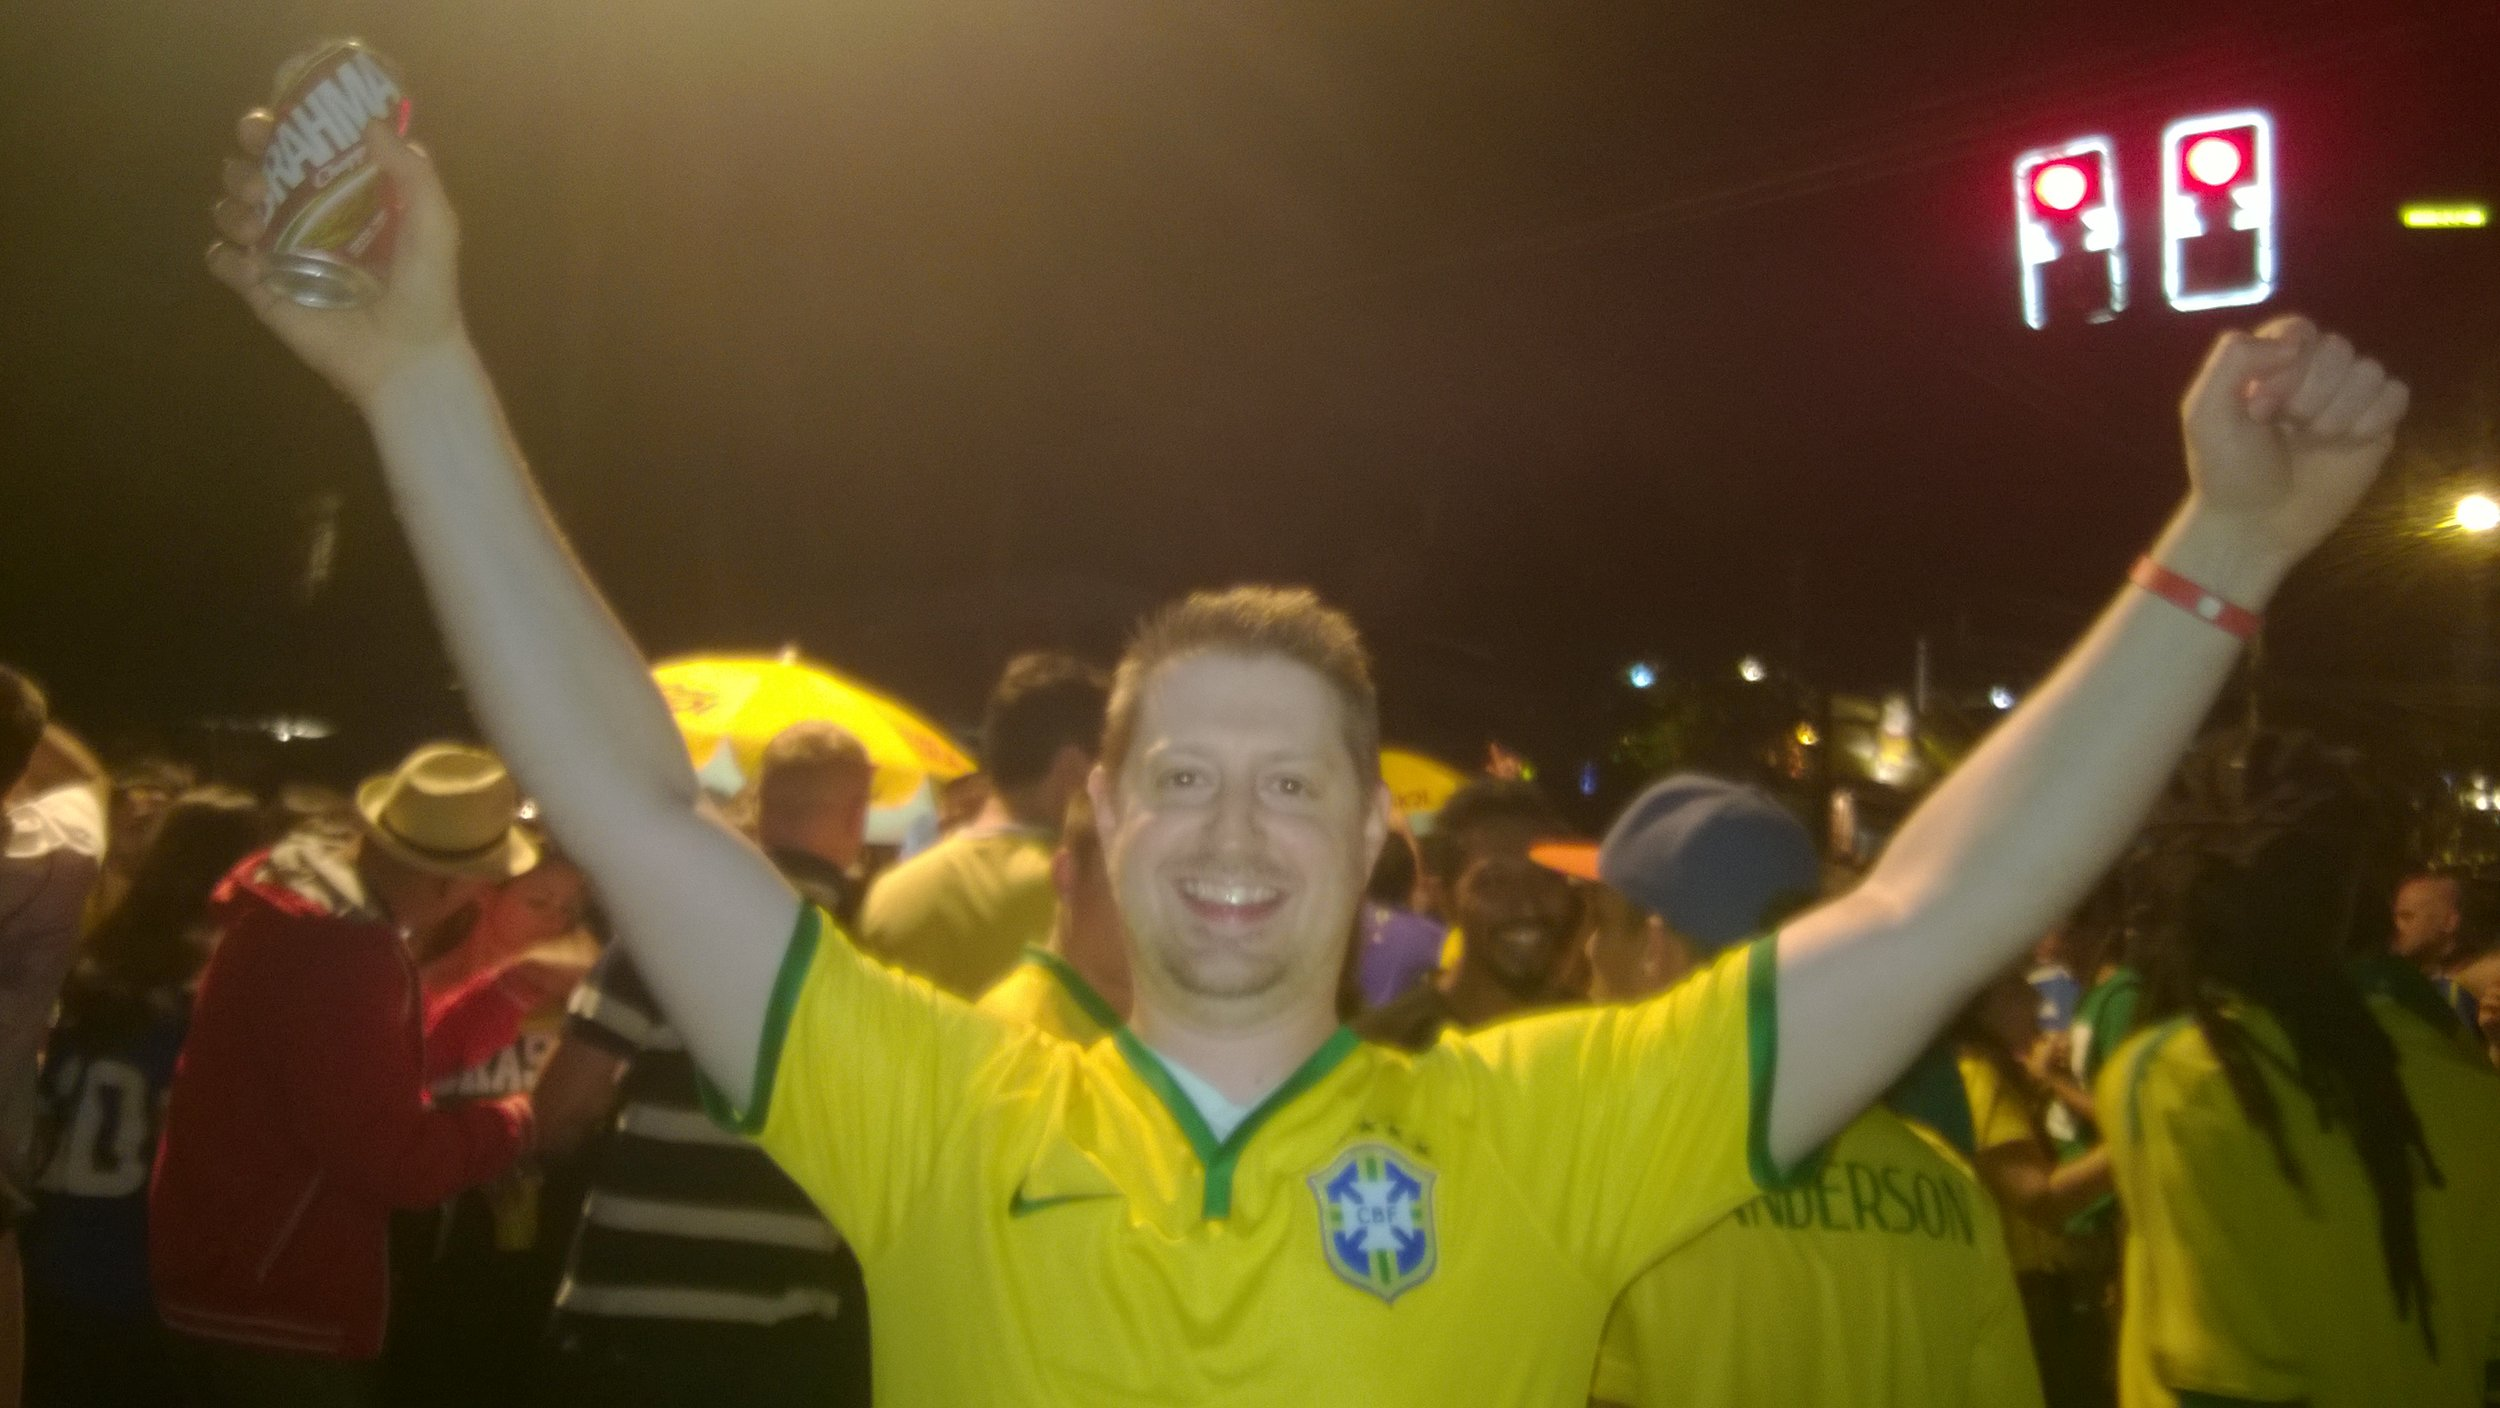 Celebrating Brazil's victory in the streets of Vila Madalena